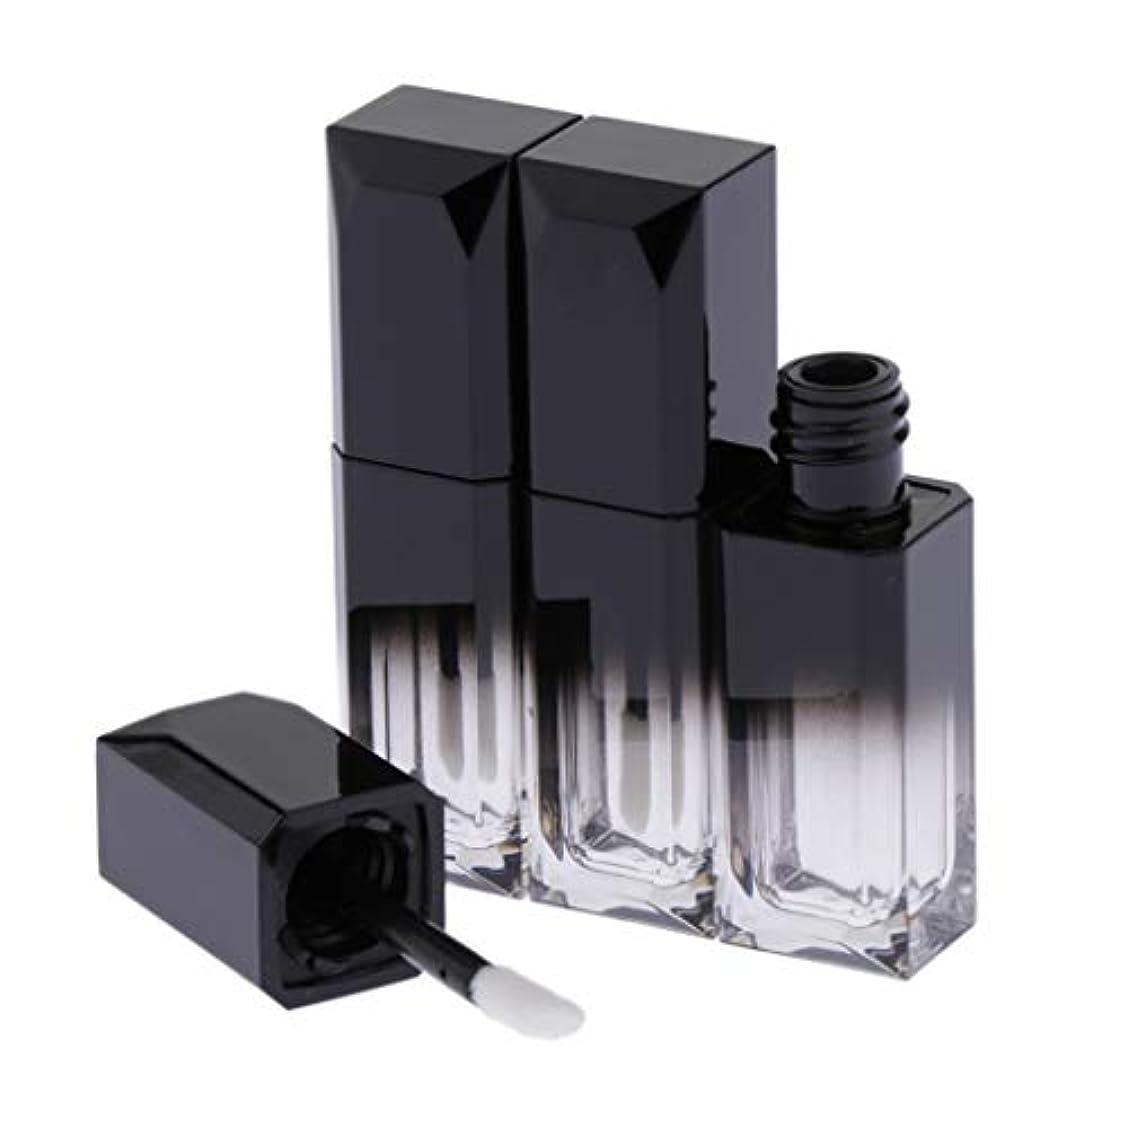 多数のチャンピオン疎外T TOOYFUL リップクリーム容器 チューブバームコンテナ 化粧品 全2カラー - ブラック